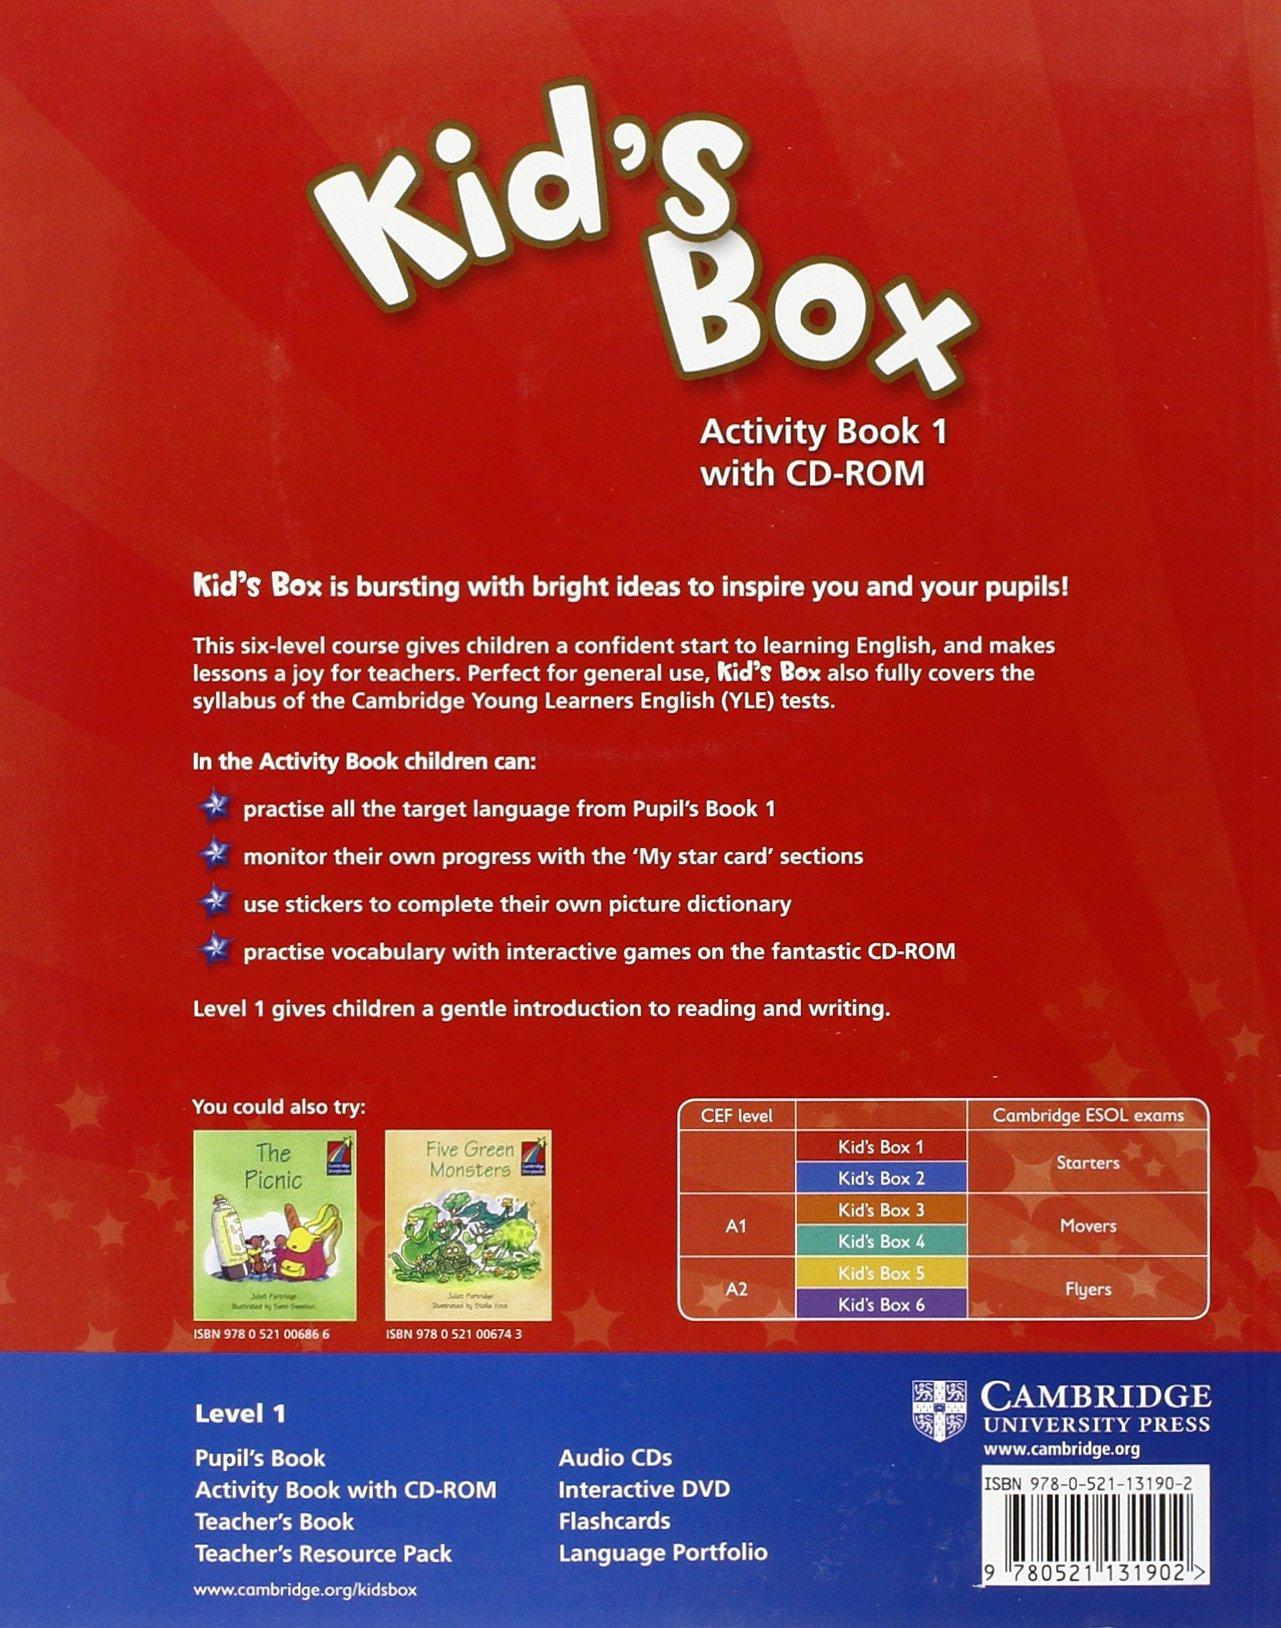 Kid's Box 1 Activity Book with CD-ROM - 9780521131902: Amazon.es: Caroline  Nixon, Michael Tomlinson: Libros en idiomas extranjeros